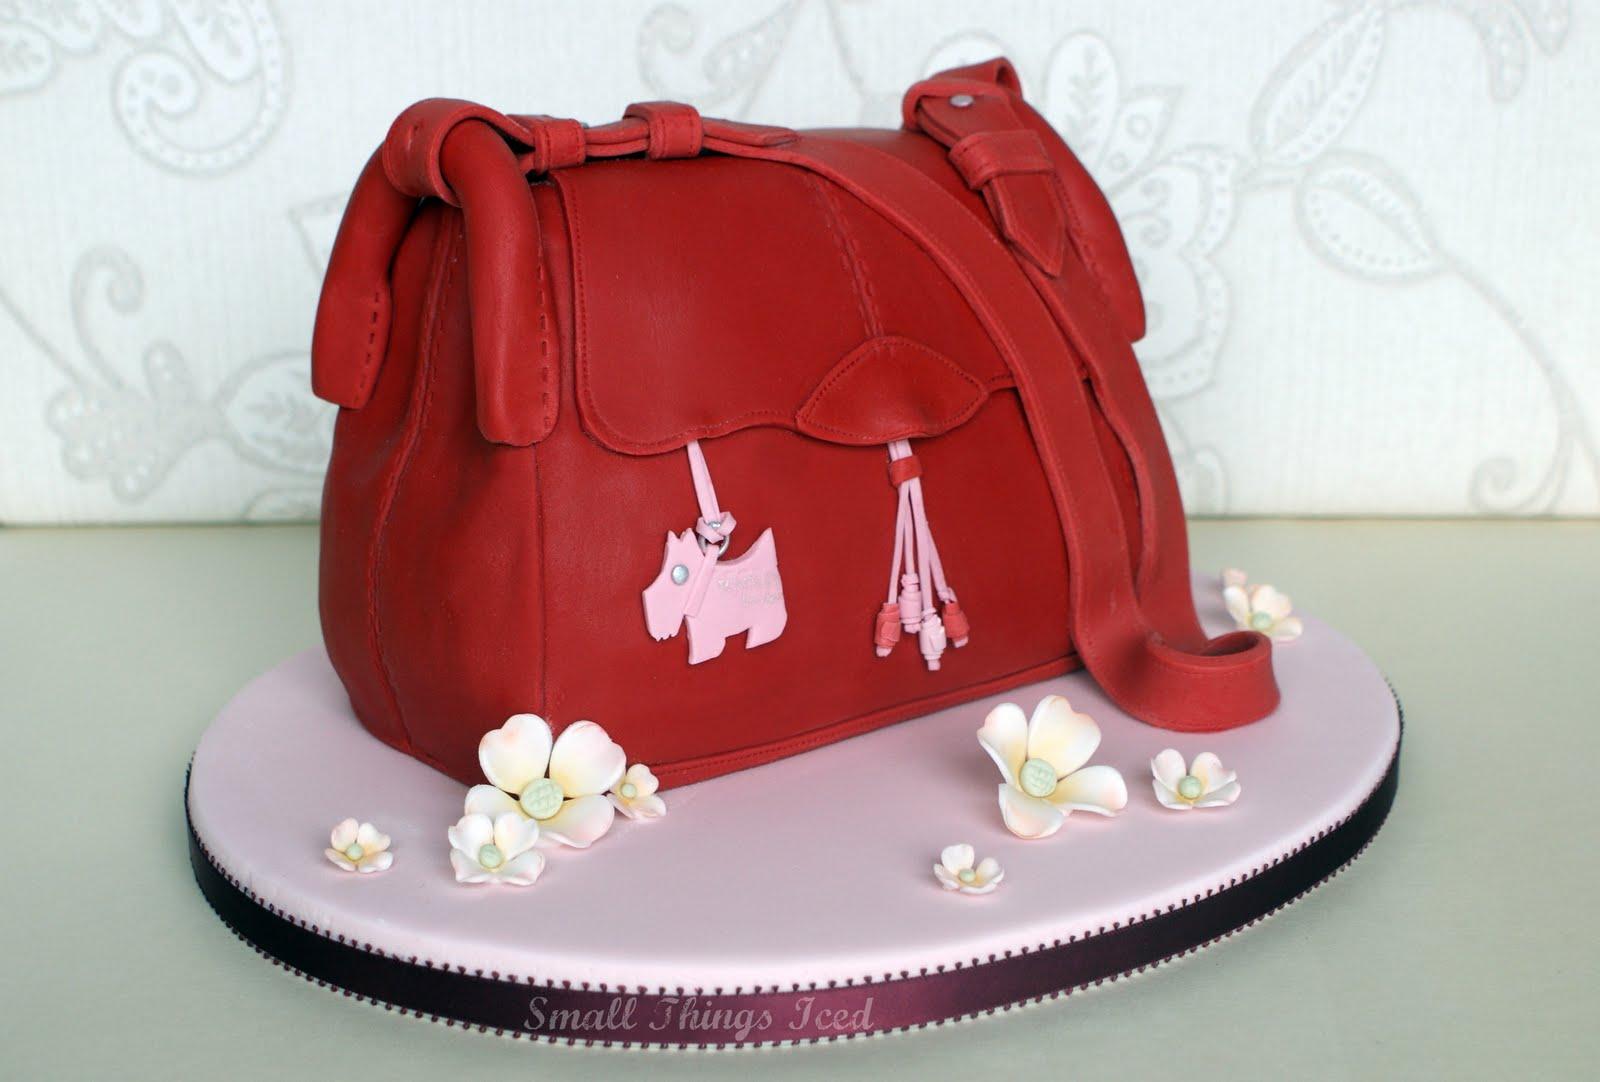 Small Things Iced Radley Handbag Cake